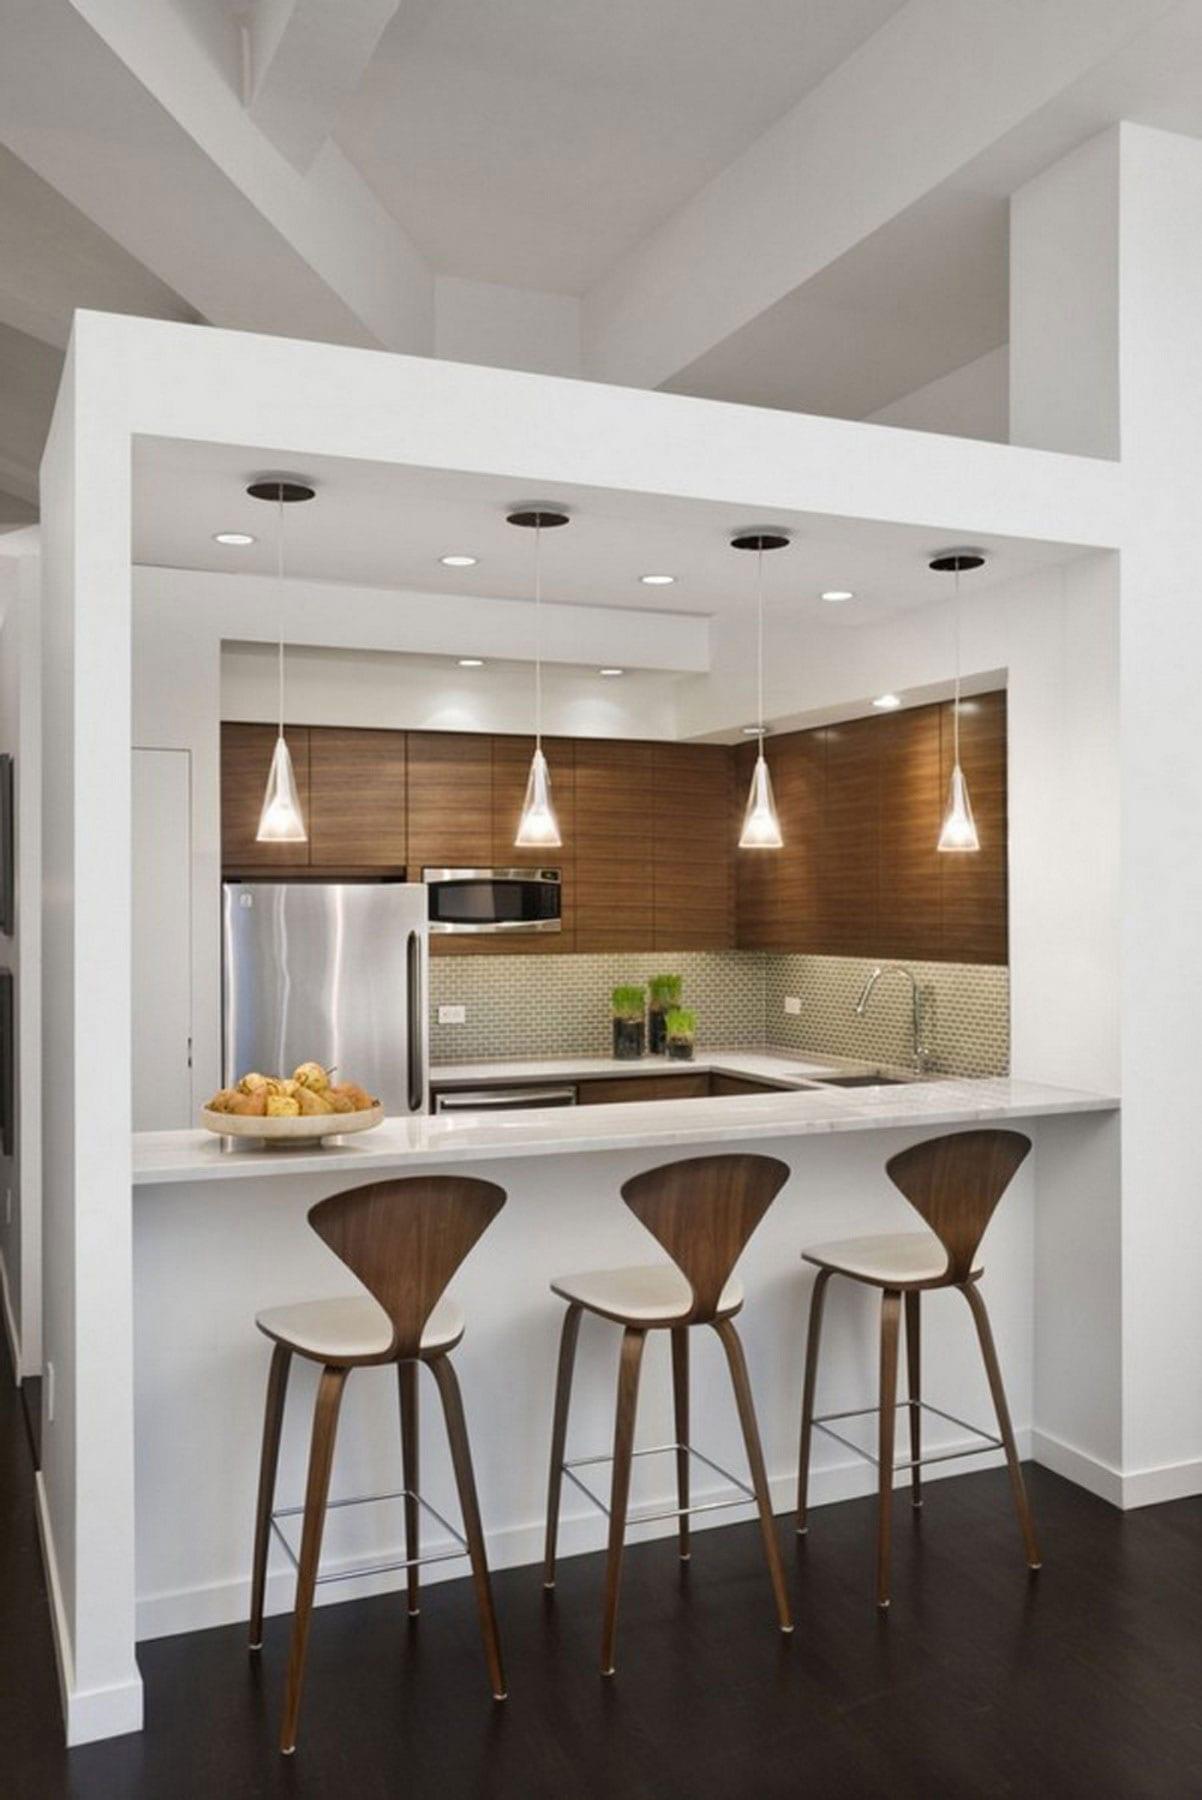 kleine-küche-im-wohnzimmer-mit-theke-aus-marmor-und-designerstuhle aus holz